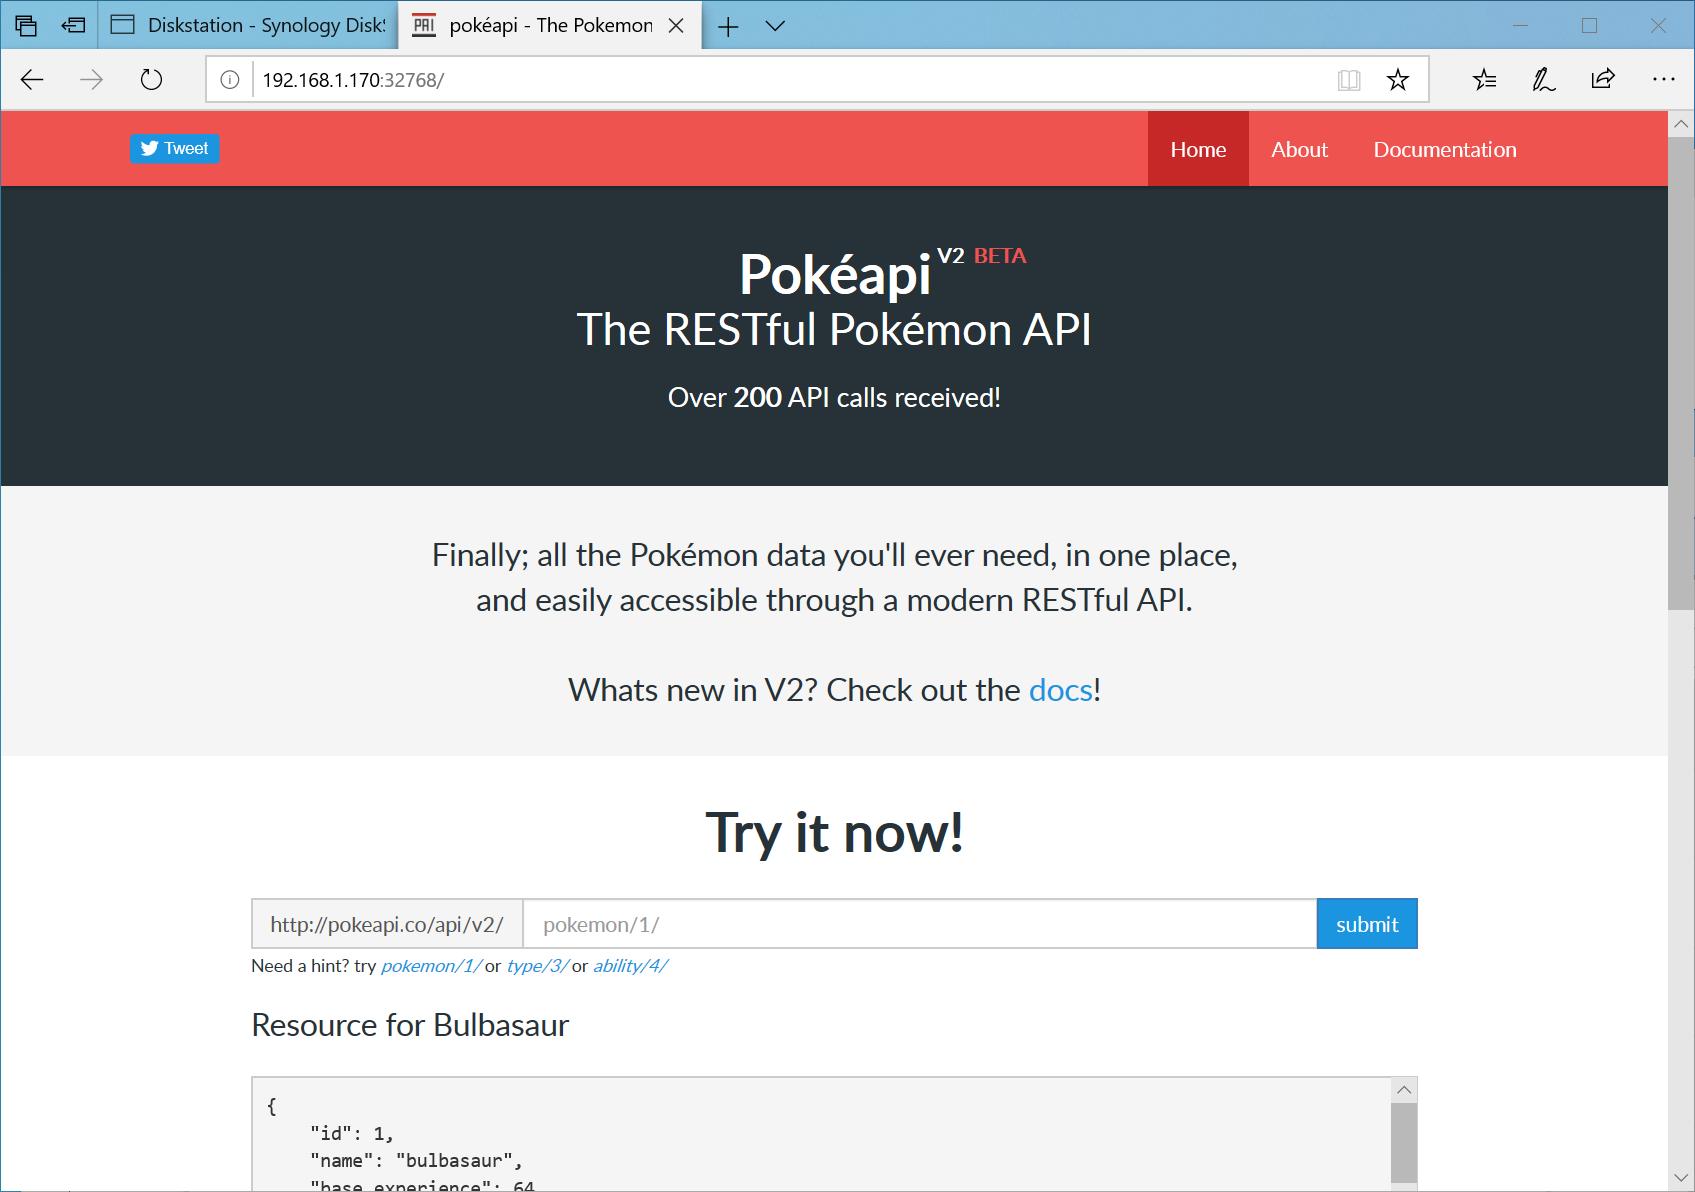 PokéAPIのサービスがNAS上で稼働する